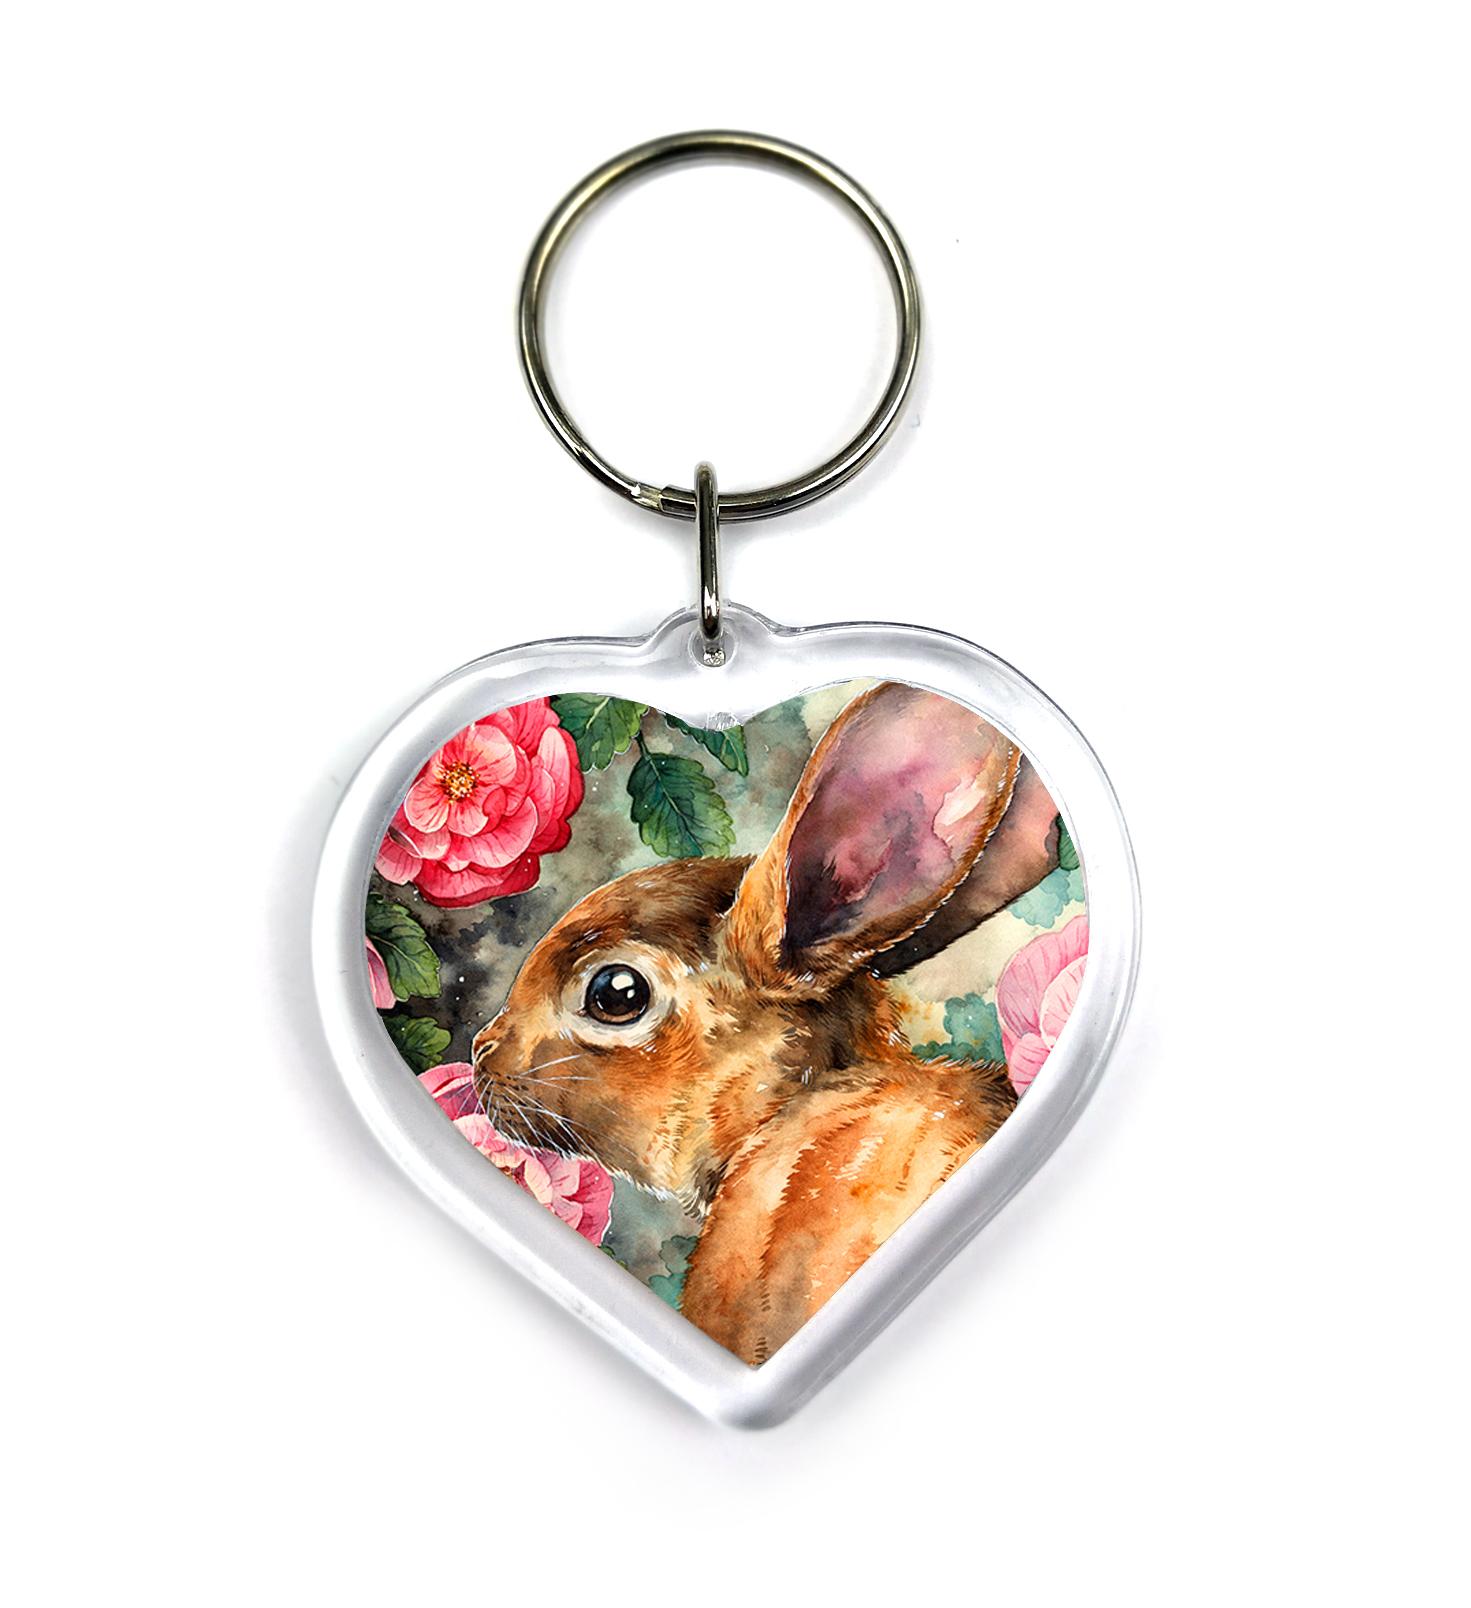 Keychain - Rosy Bunny